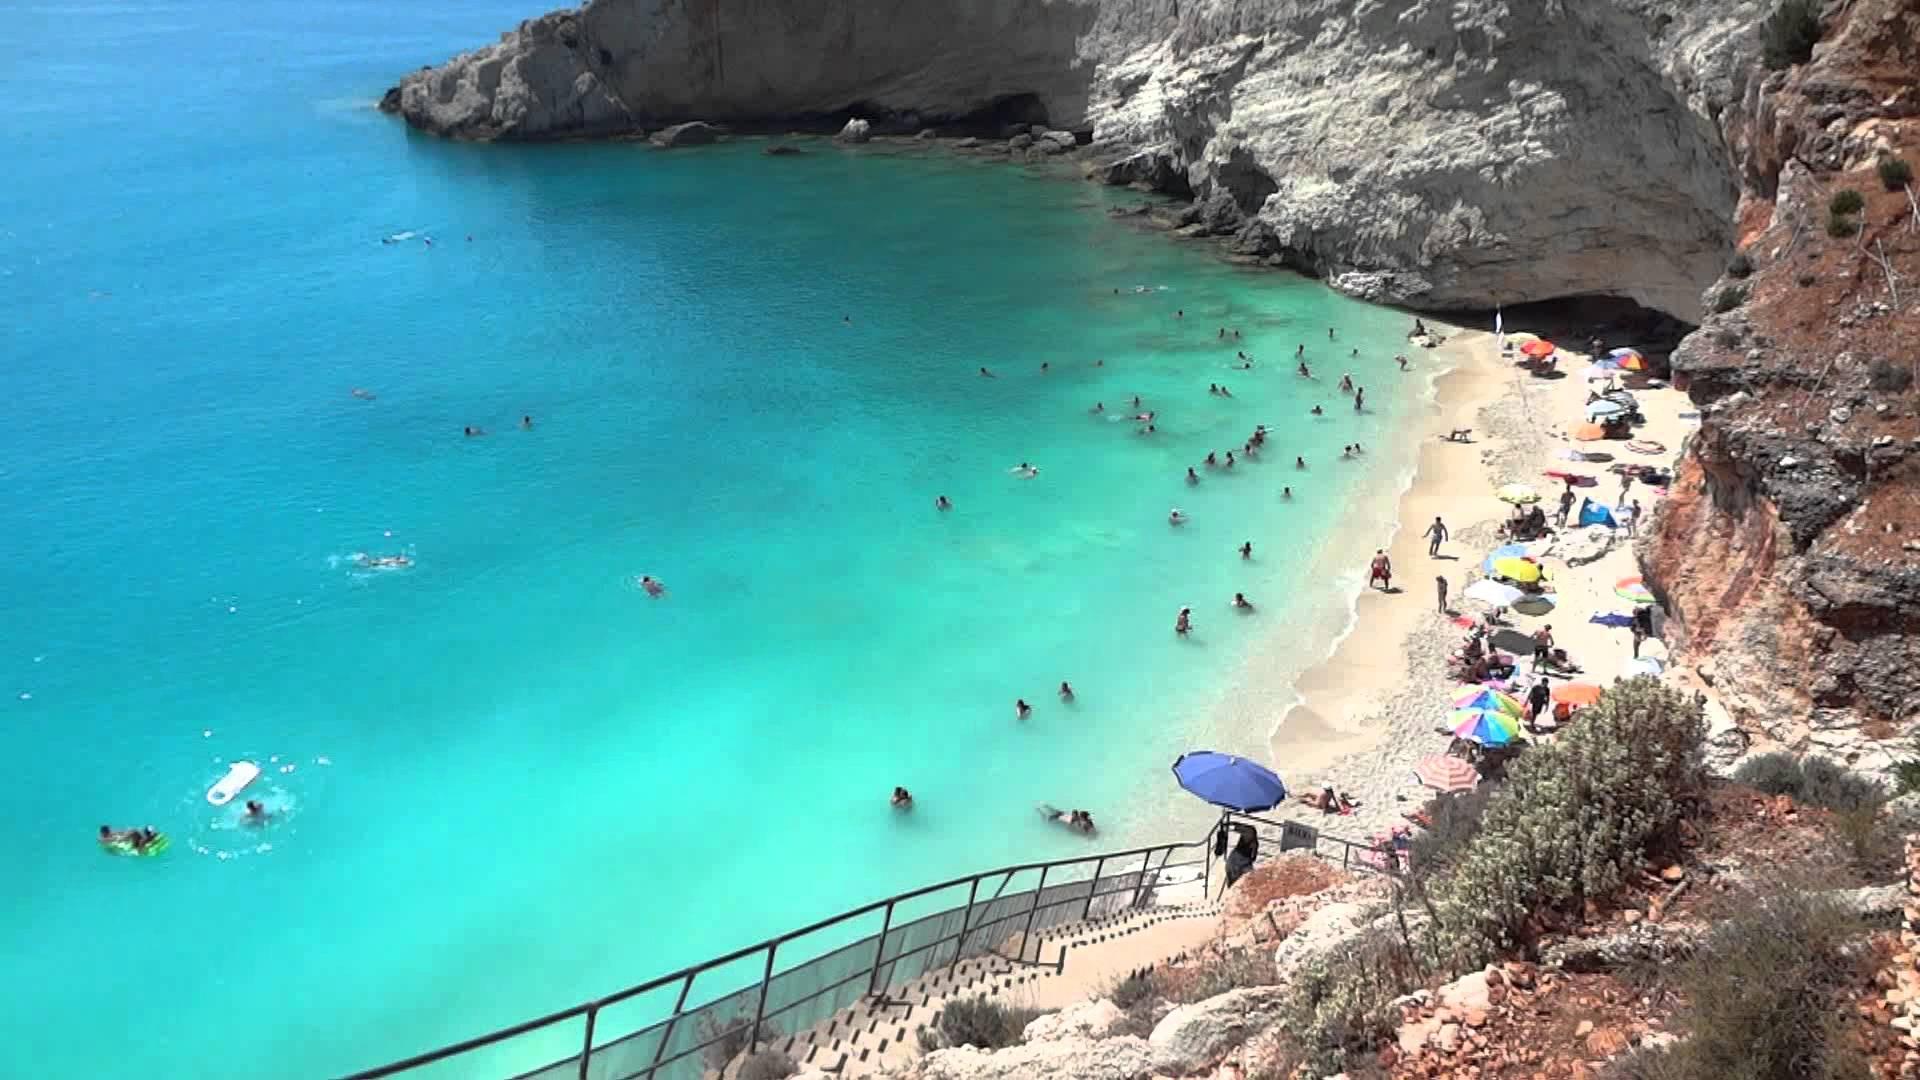 Plaja Porto Karsiki este cea mai frumoasă plajă din Insula Lefkada și apare în top 10 cele mai spectaculoase plaje din Europa.